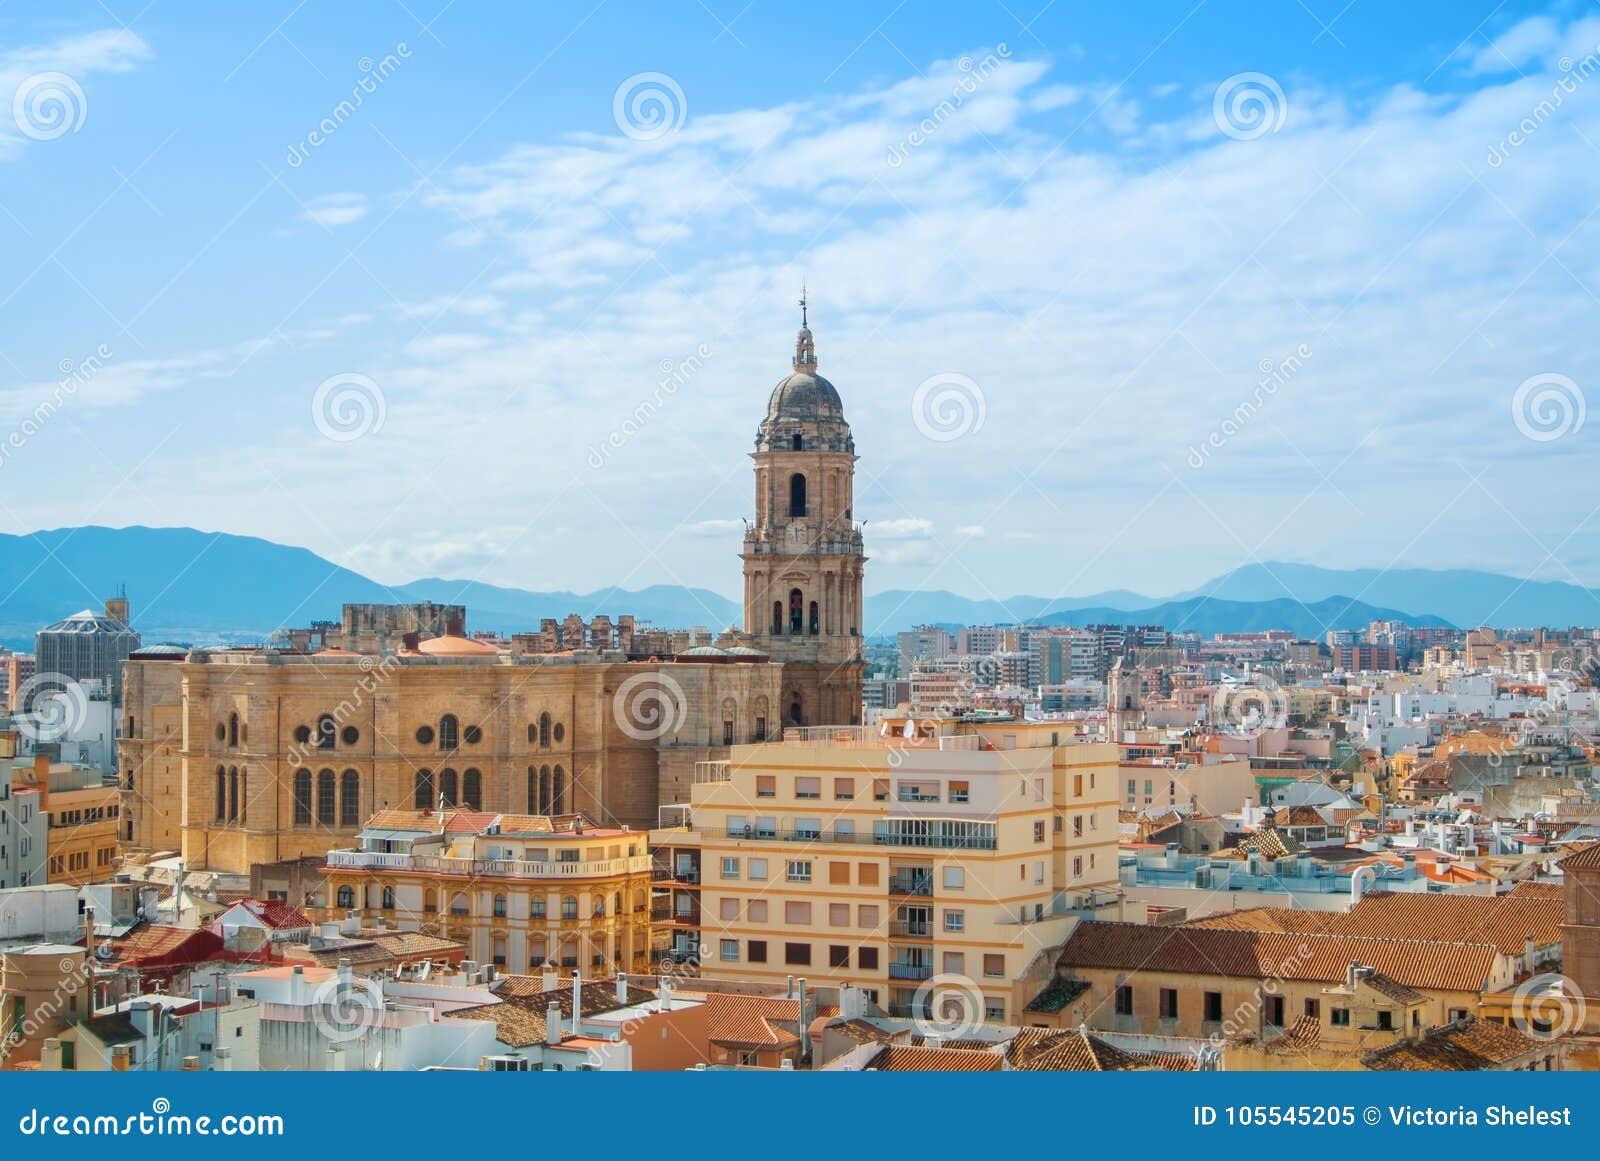 Visión panorámica aérea sobre los tejados a una torre de Málaga Cathed